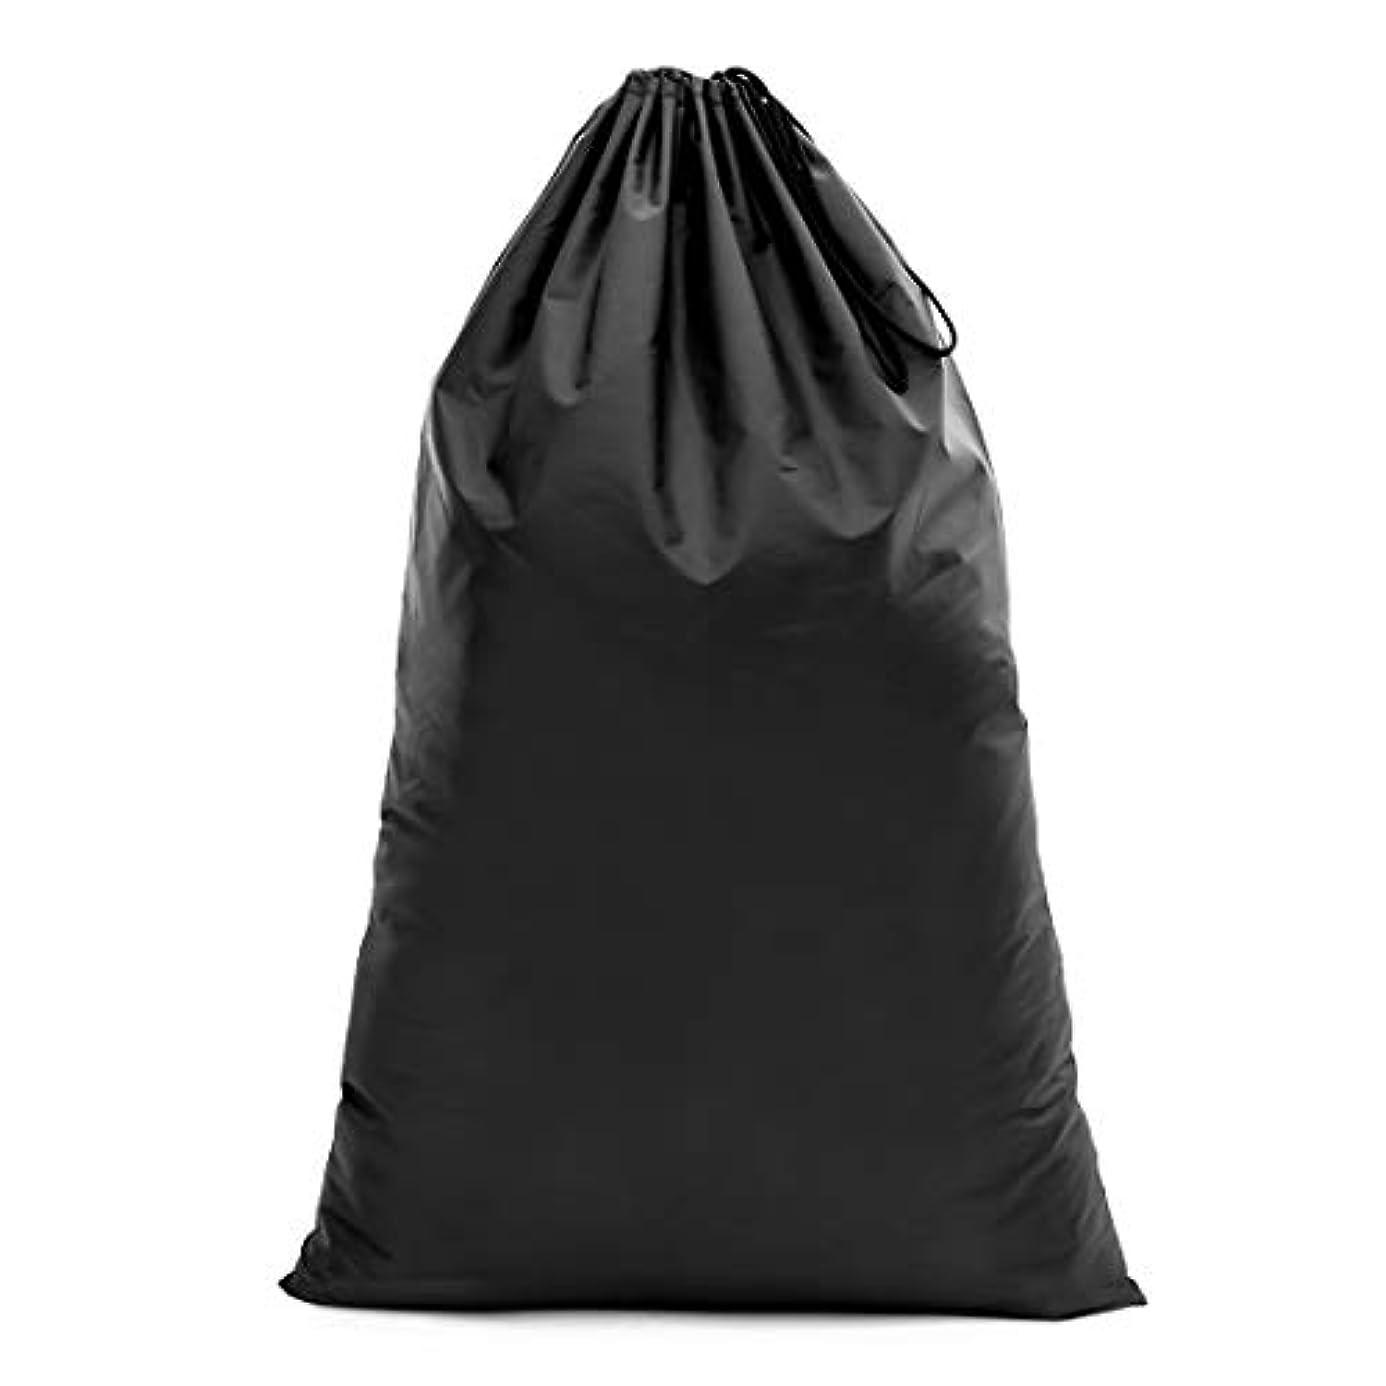 知覚的インサート気づくなる【Y.WINNER】特大サイズ 巾着袋 収納袋 (70*45CM) 強力撥水加工 アウトドア キャンプ 旅行 バッグ 万能巾着袋 大きいサイズの着替え袋にも使える YWN9976K ブラック (106*70)